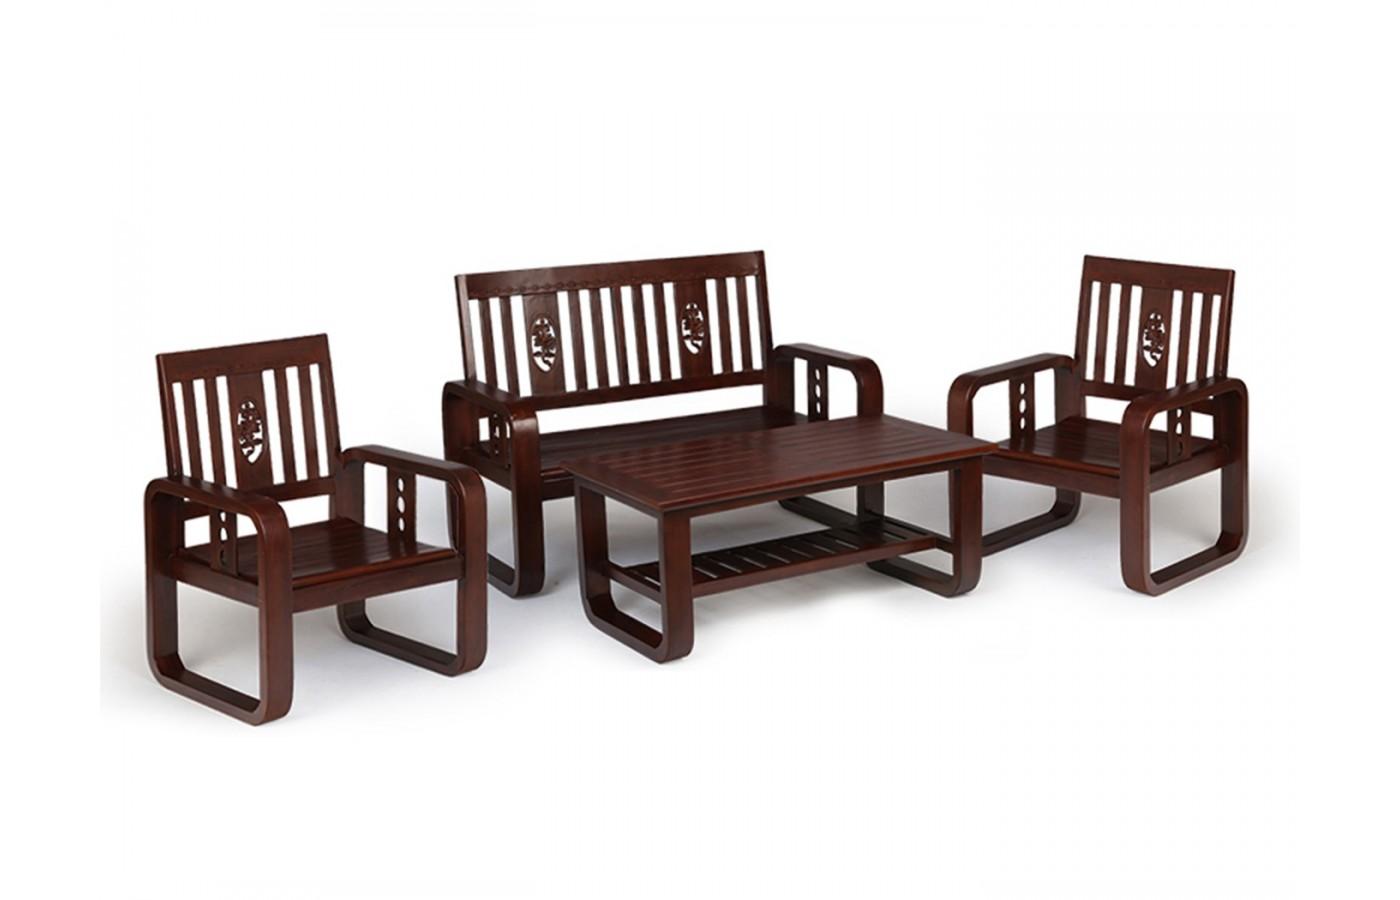 Amüsant Ausgefallene Gartenmöbel Dekoration Von Verkaufspreis 1.788,62 Pln Preis 1.252,03 Pln